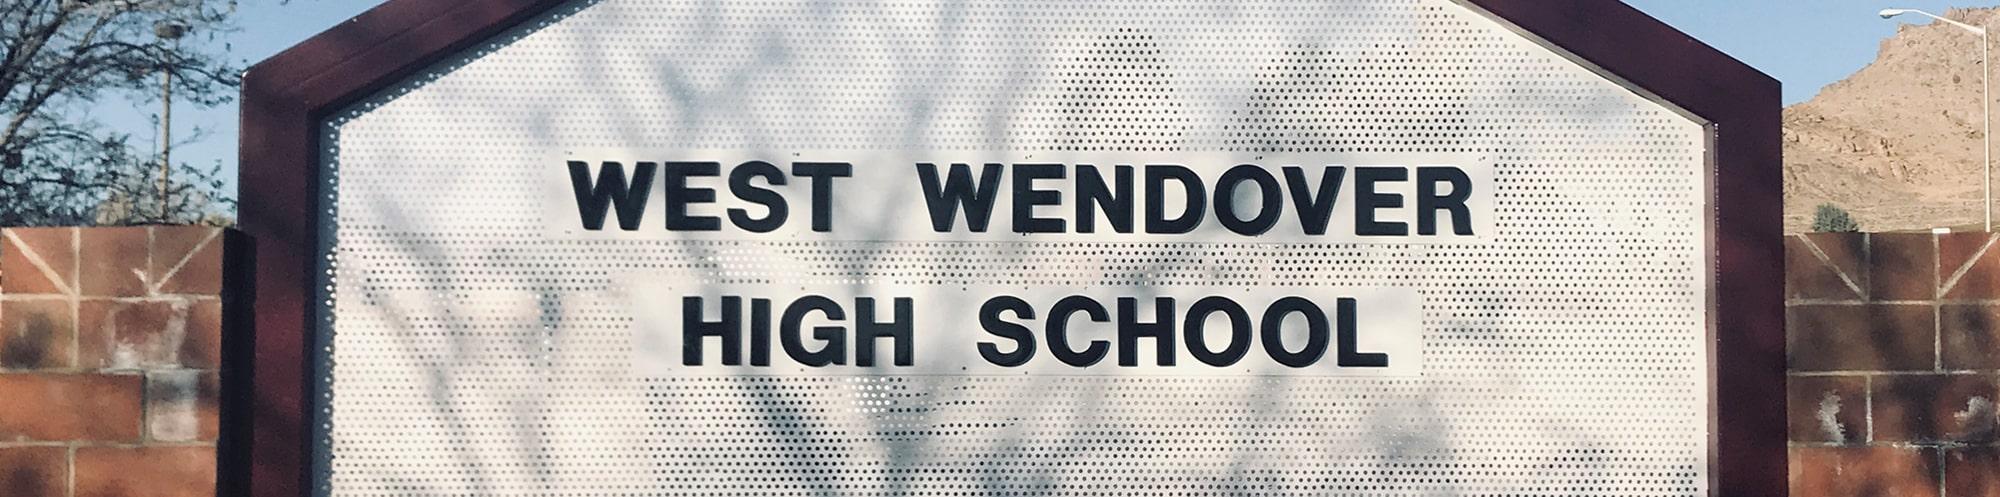 West Wendover High School sign